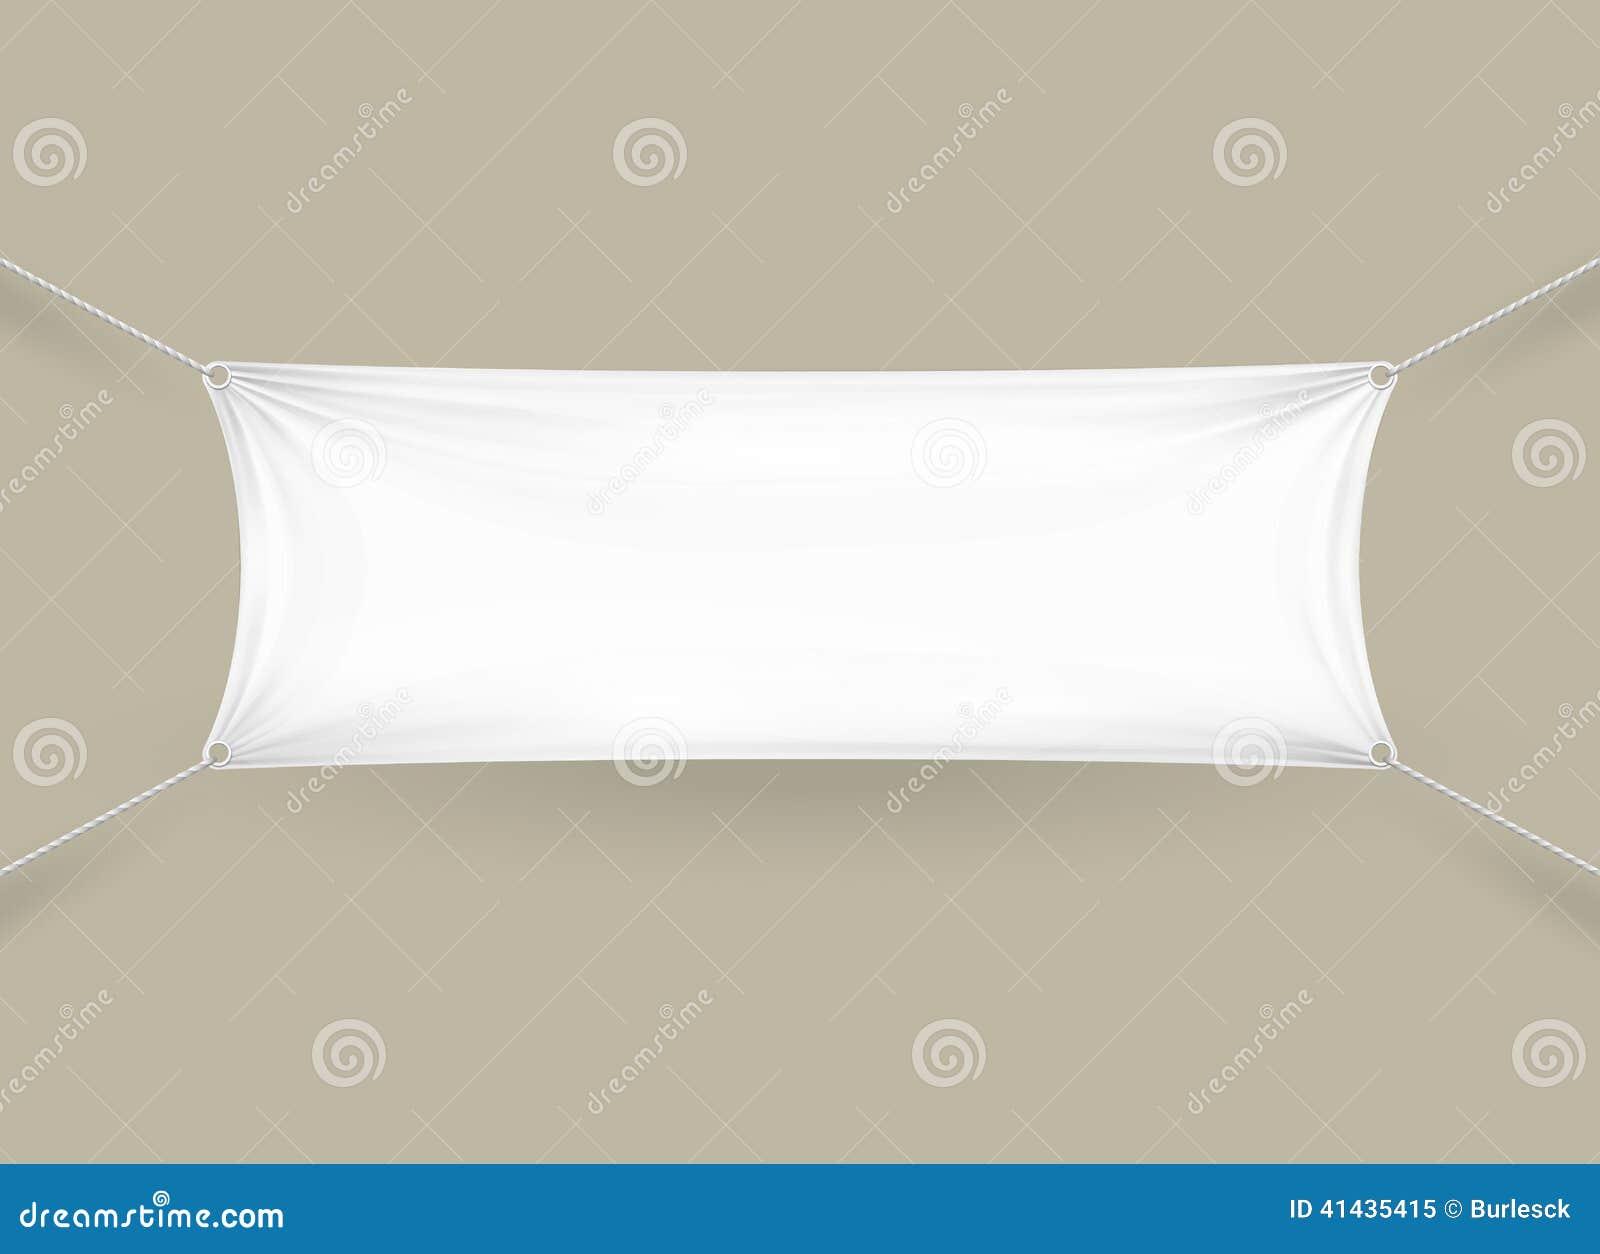 Blank White Rectangular Horizontal Banner Stock Vector